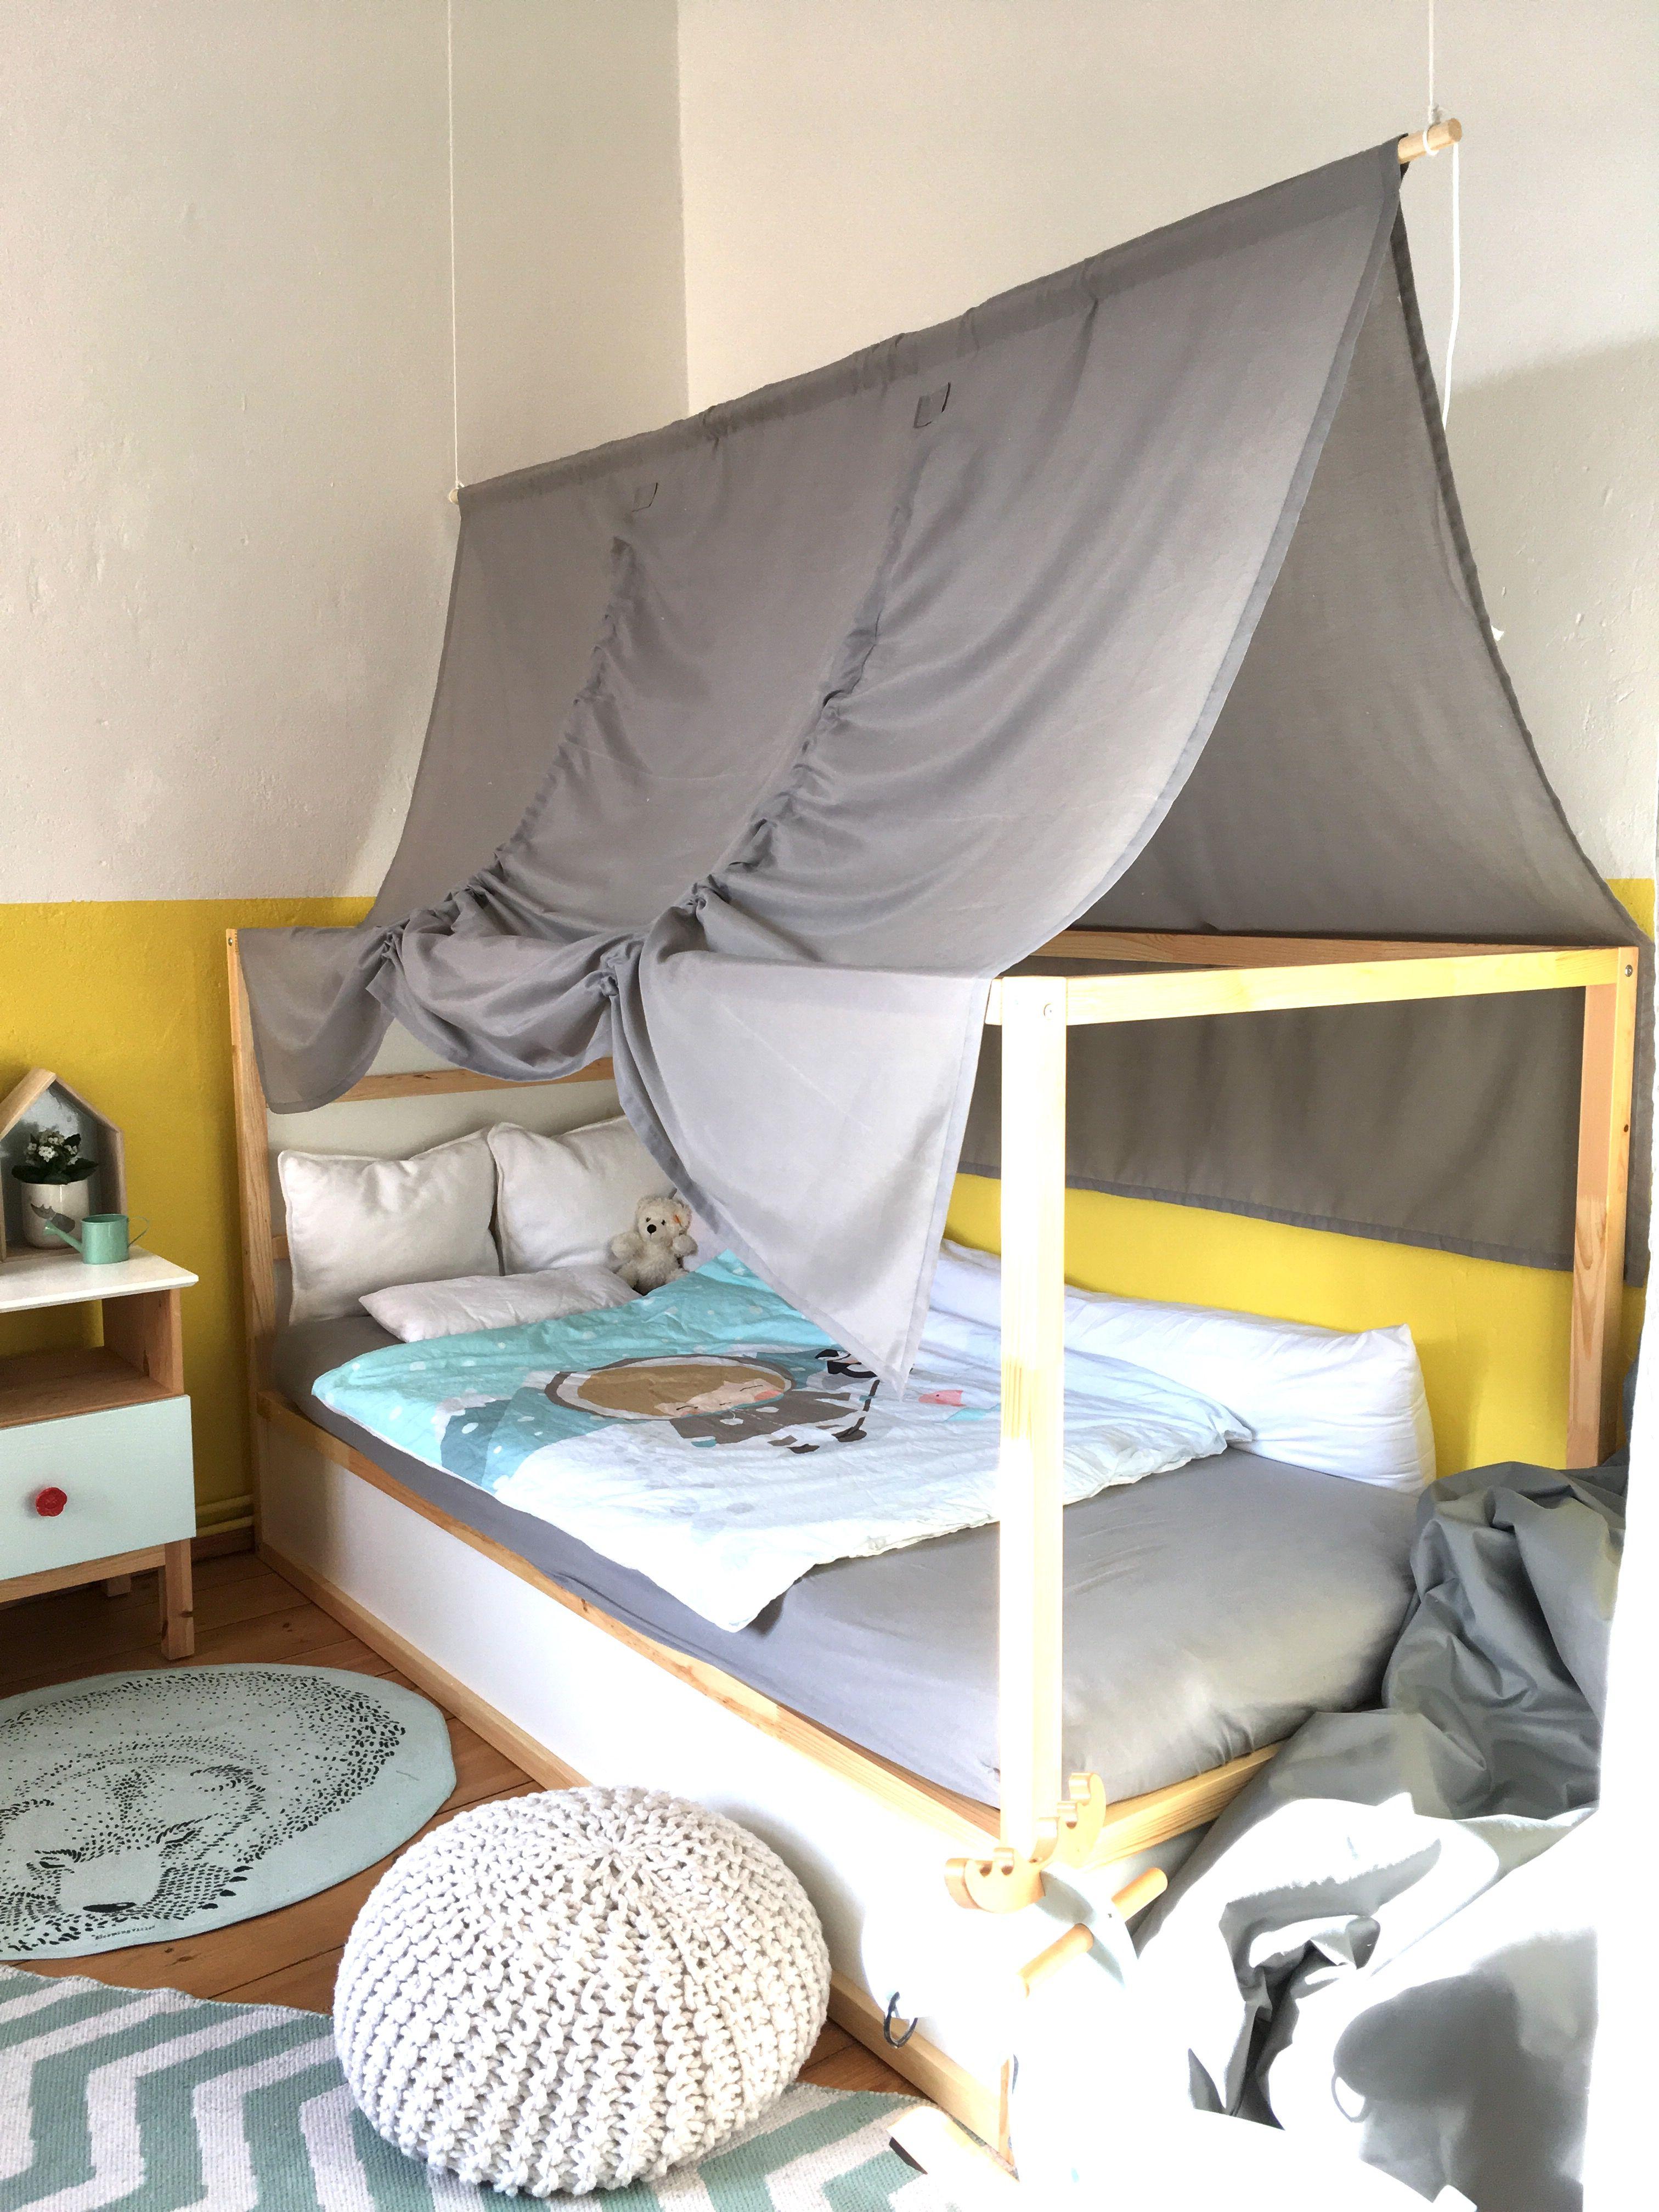 Betthimmel Kinderbett Diy : betthimmel, kinderbett, Kinderbett, Betthimmel, Kinderbett,, Kinderzimmer, Betthimmel,